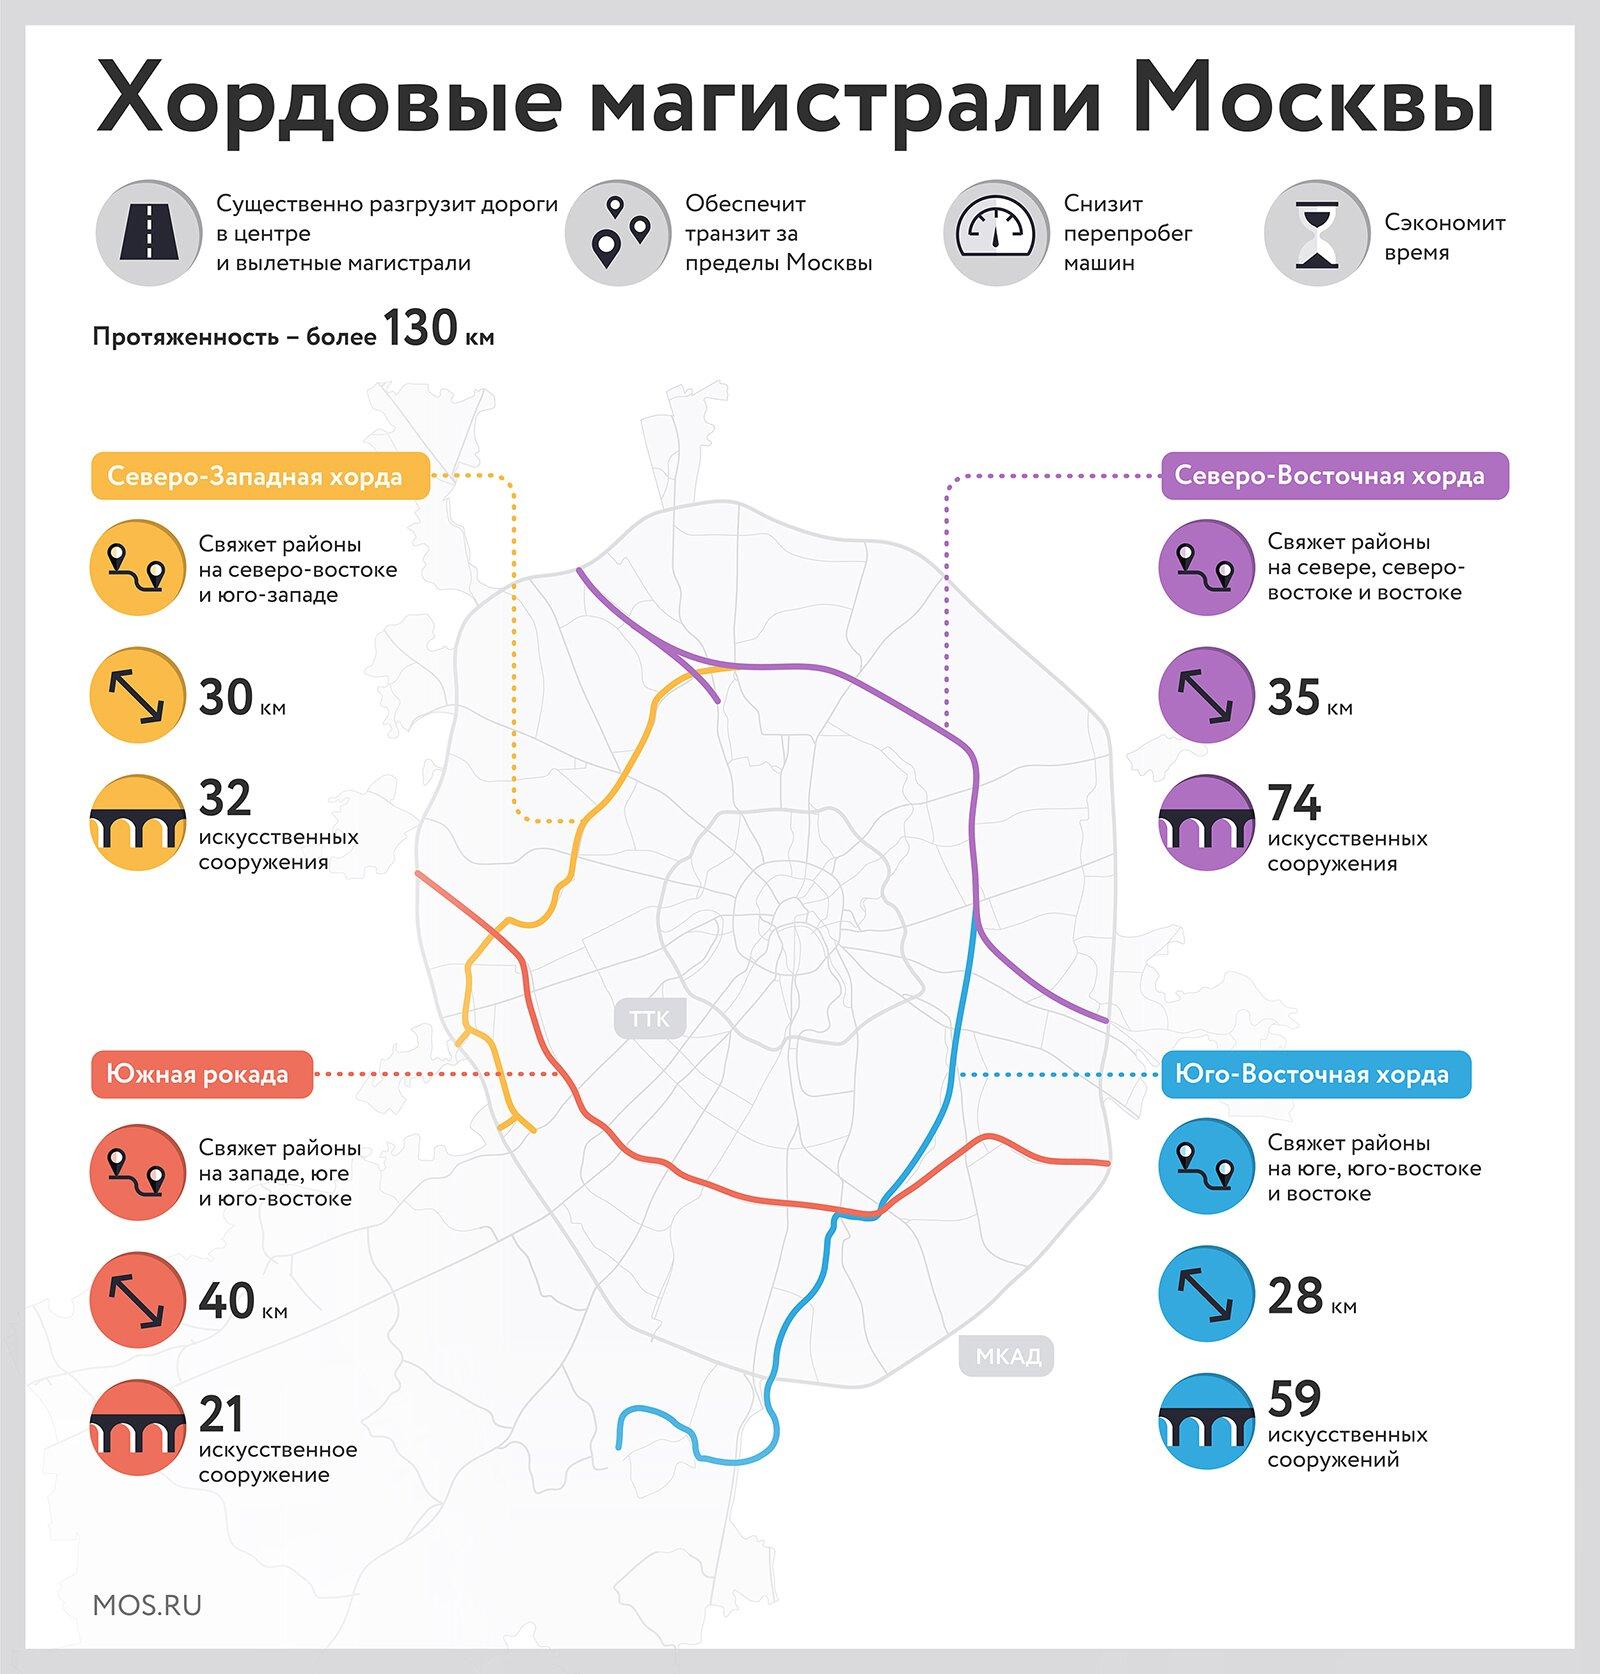 Сергей Собянин: Строительство четырех хорд — ключевой проект развития дорожной инфраструктуры Москвы